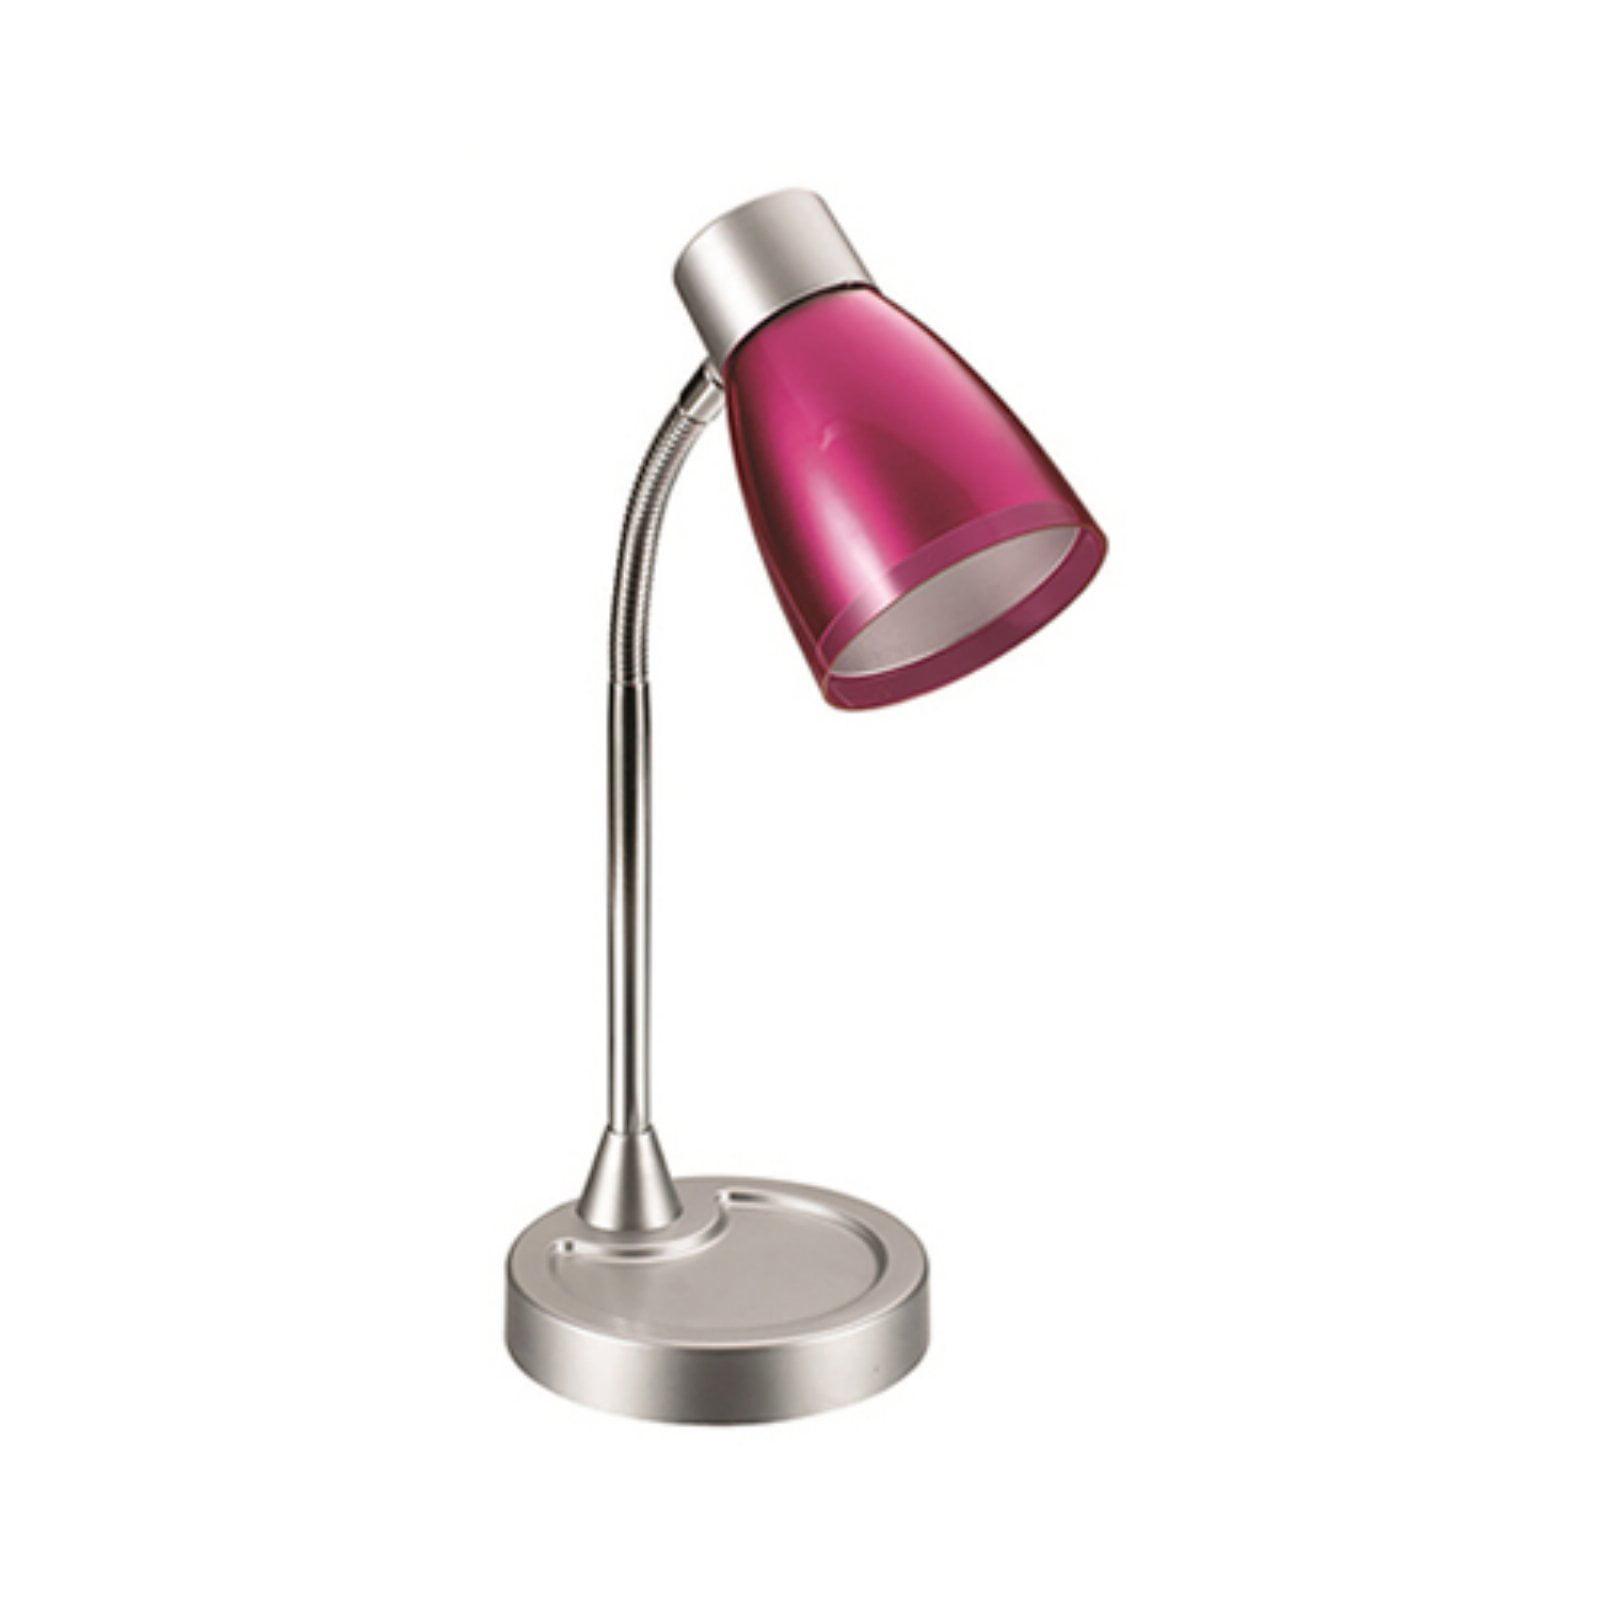 LimeLights Flashy Flexible Gooseneck LED Desk Lamp, Metallic Pink